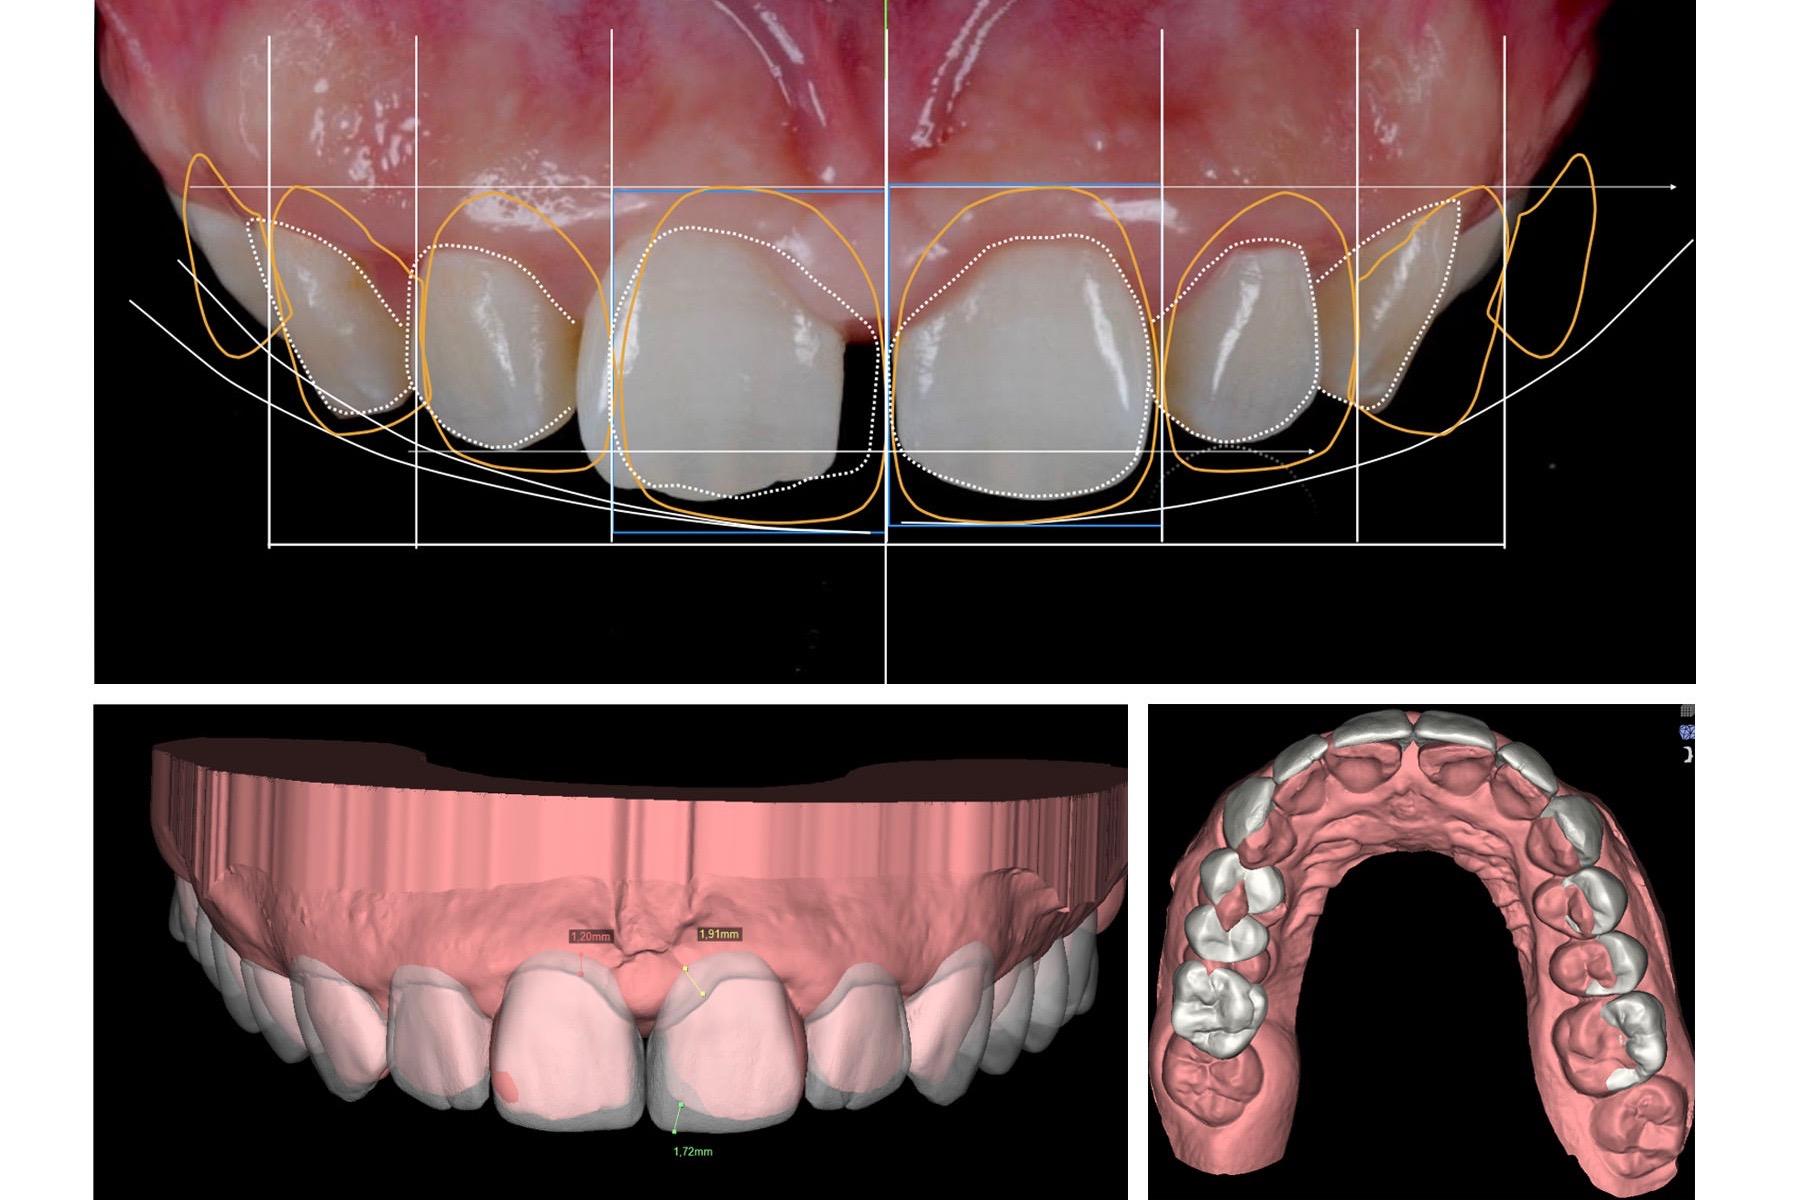 anteprima digitale dei denti realizzata con tecnologia CARESTREAM CS 3600 DIGITAL SMILE DESIGN